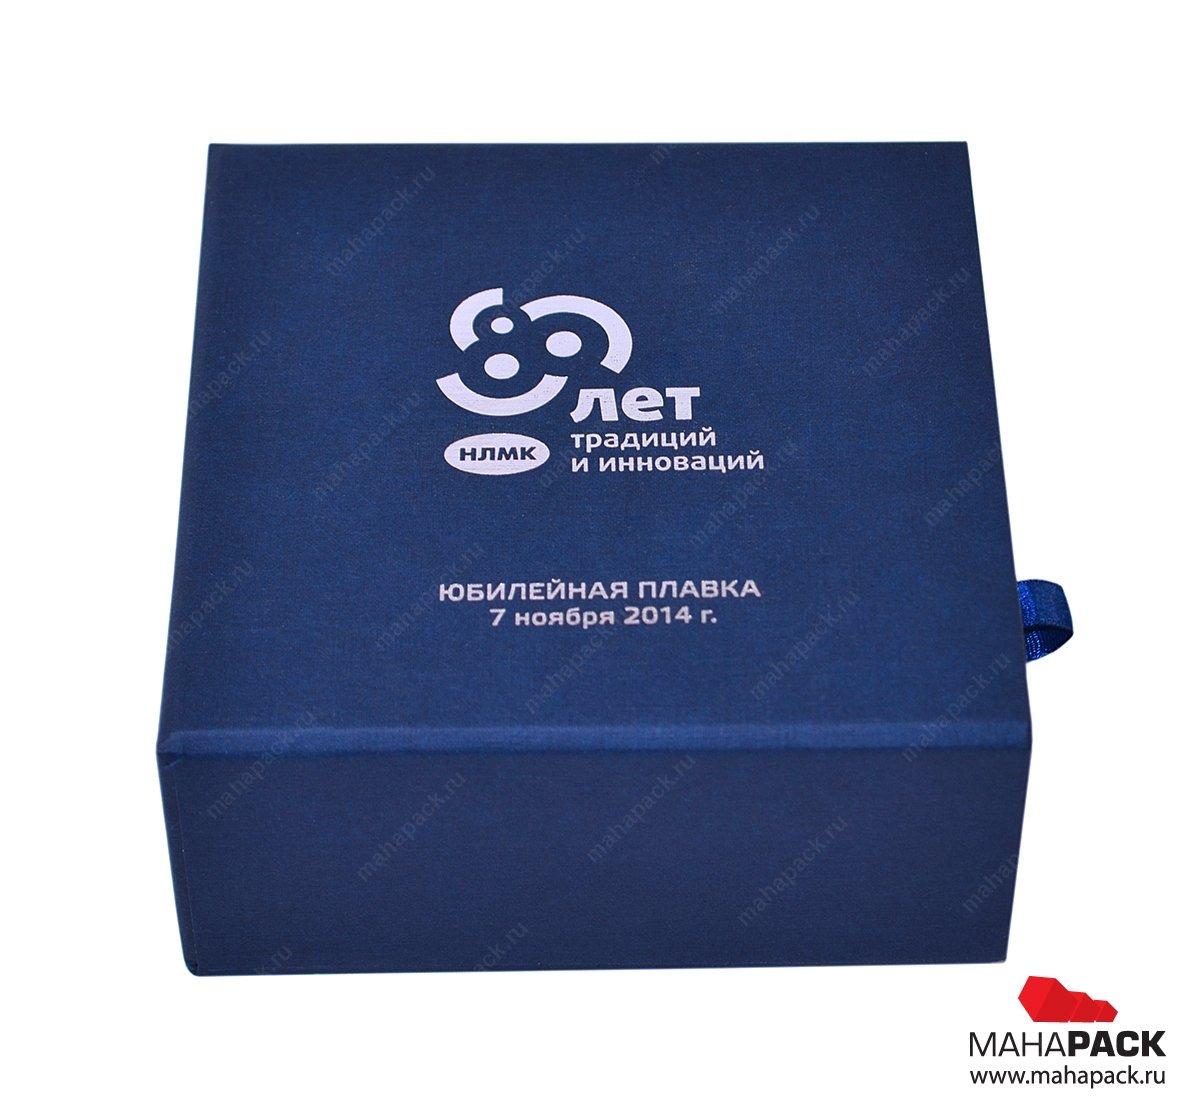 Кашированные коробки для сувениров